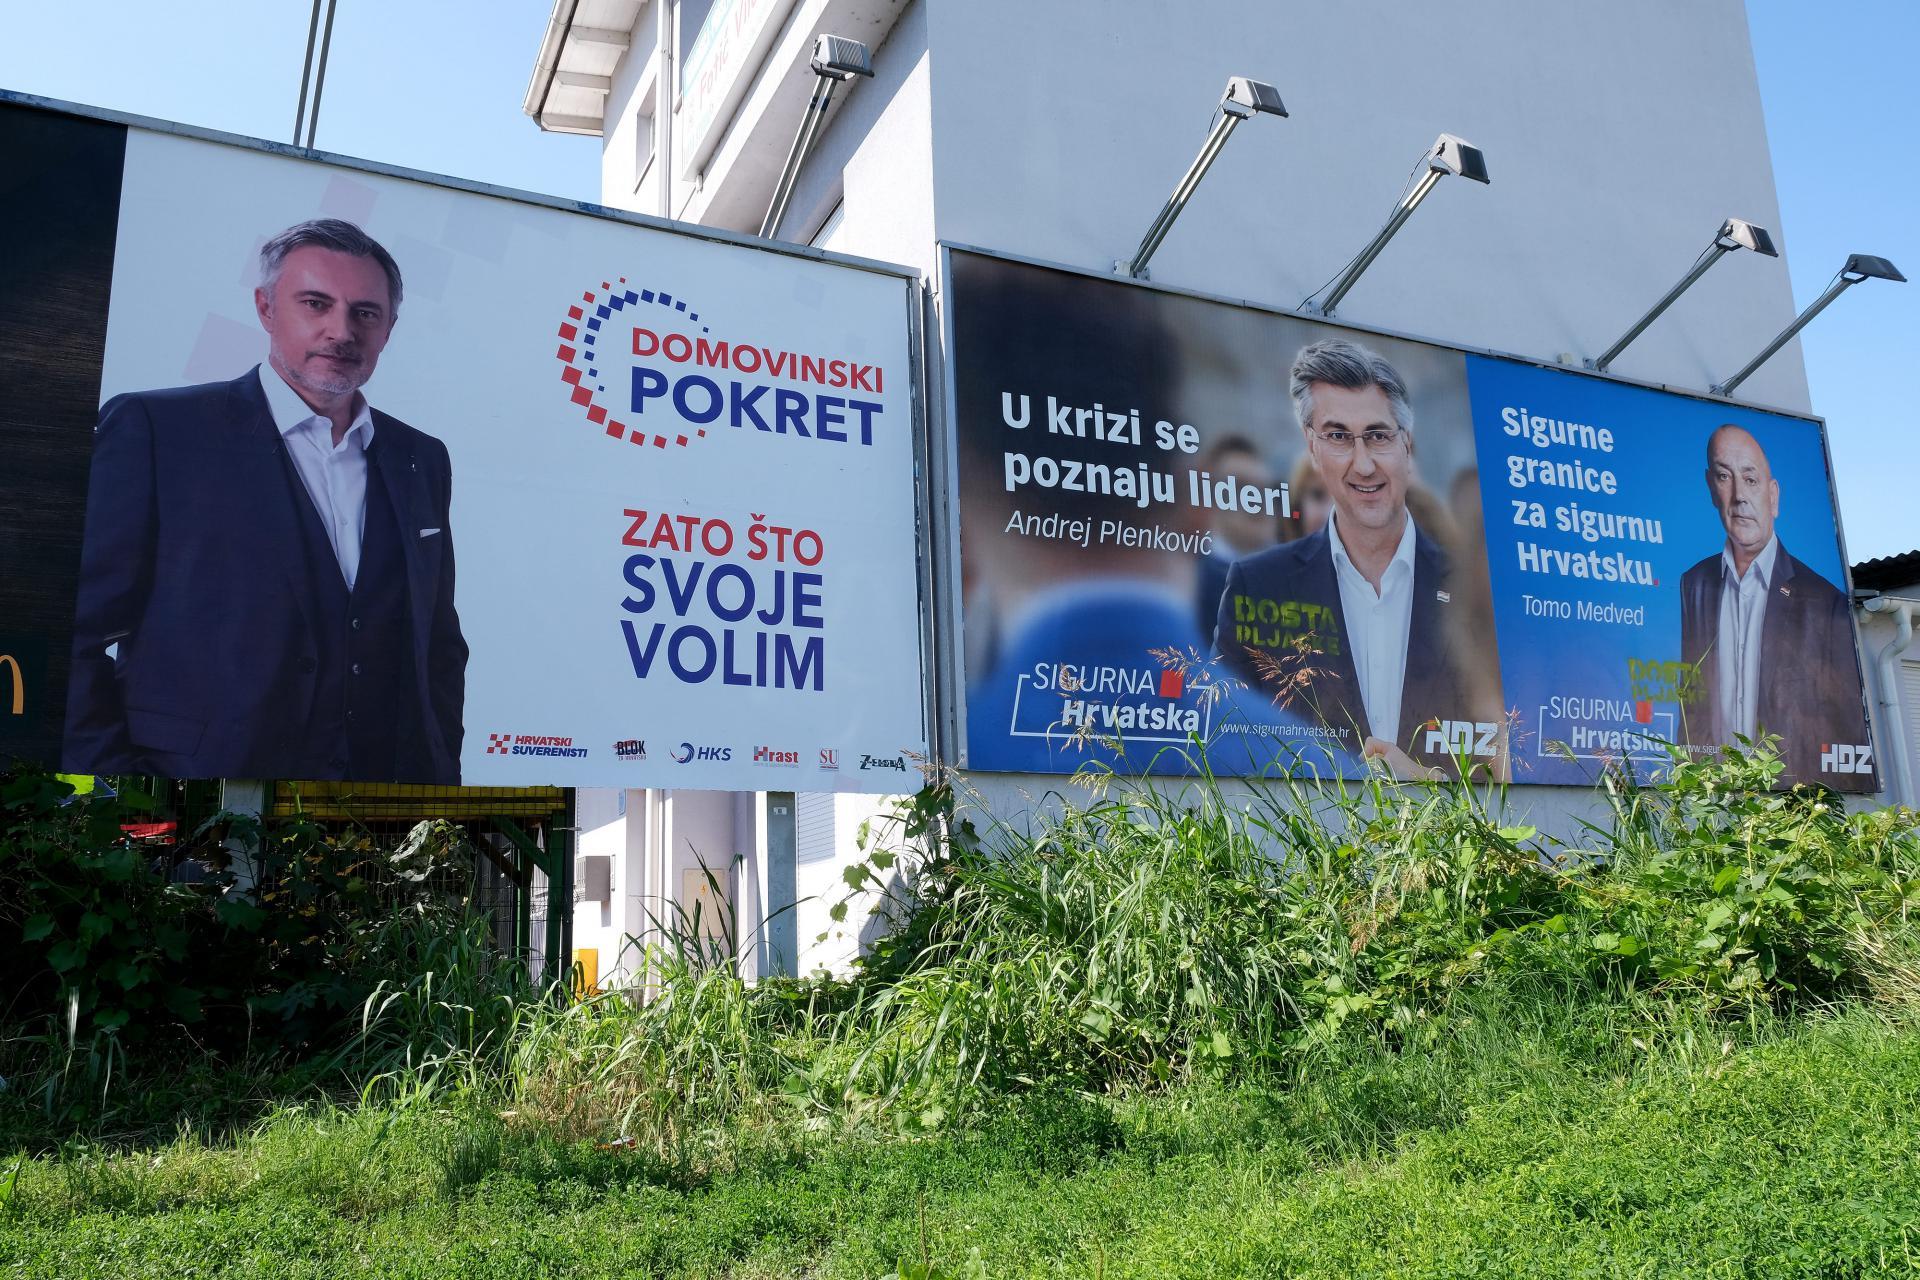 Na srpanjskim parlamentarnim izborima potrošeno oko 8,6 milijuna kuna više nego na izborima prije četiri godine